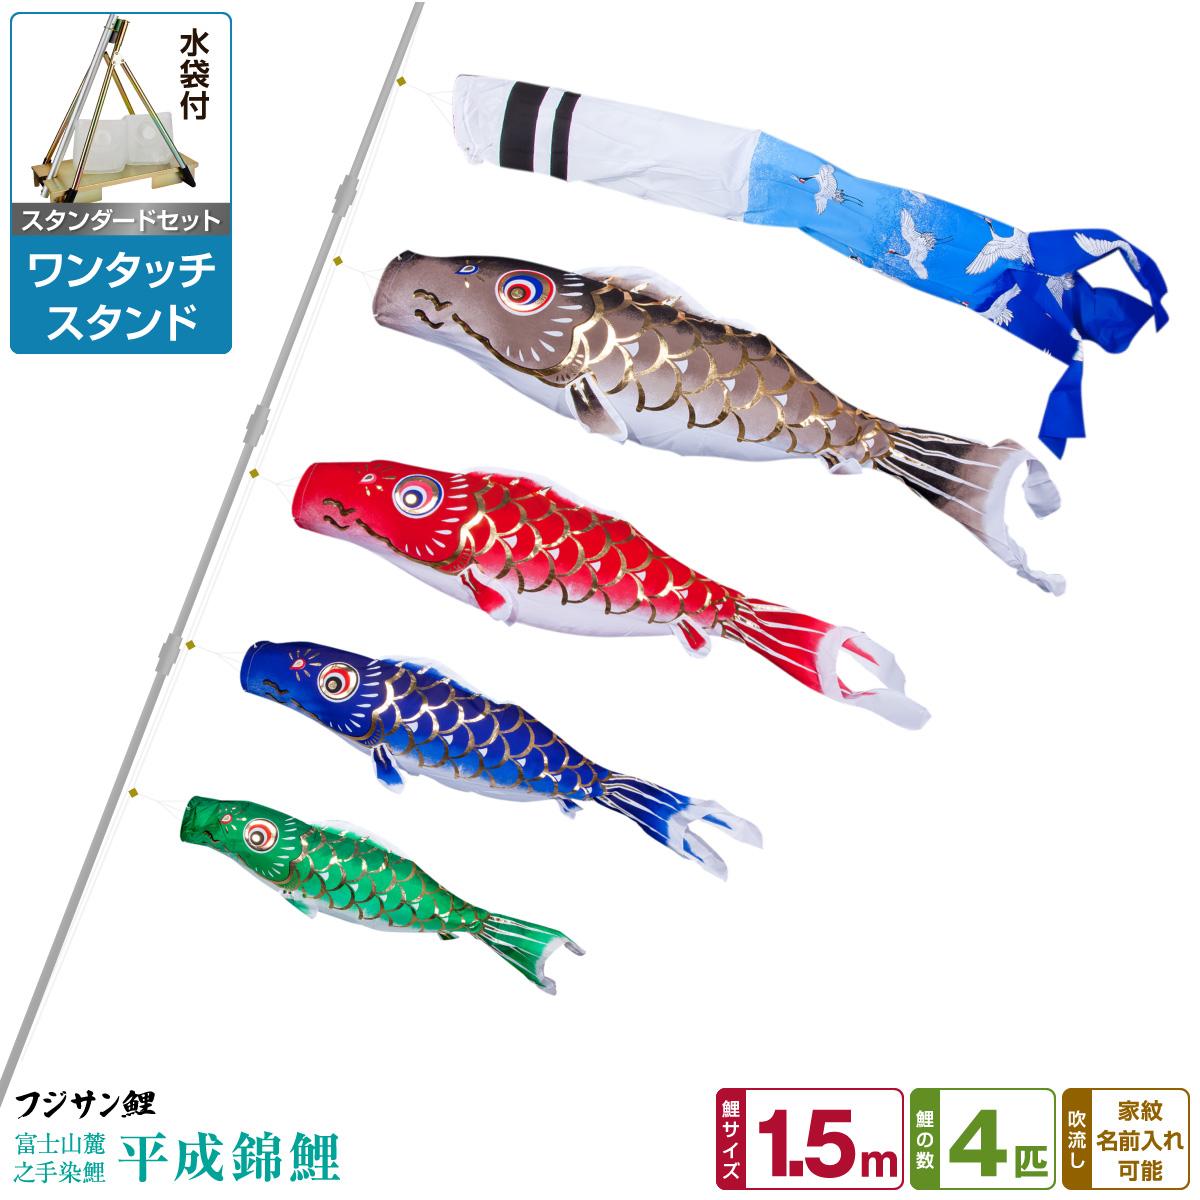 ベランダ用 こいのぼり 鯉のぼり フジサン鯉 平成錦鯉 1.5m 7点(吹流し+鯉4匹+矢車+ロープ)/スタンダードセット(ワンタッチスタンド)